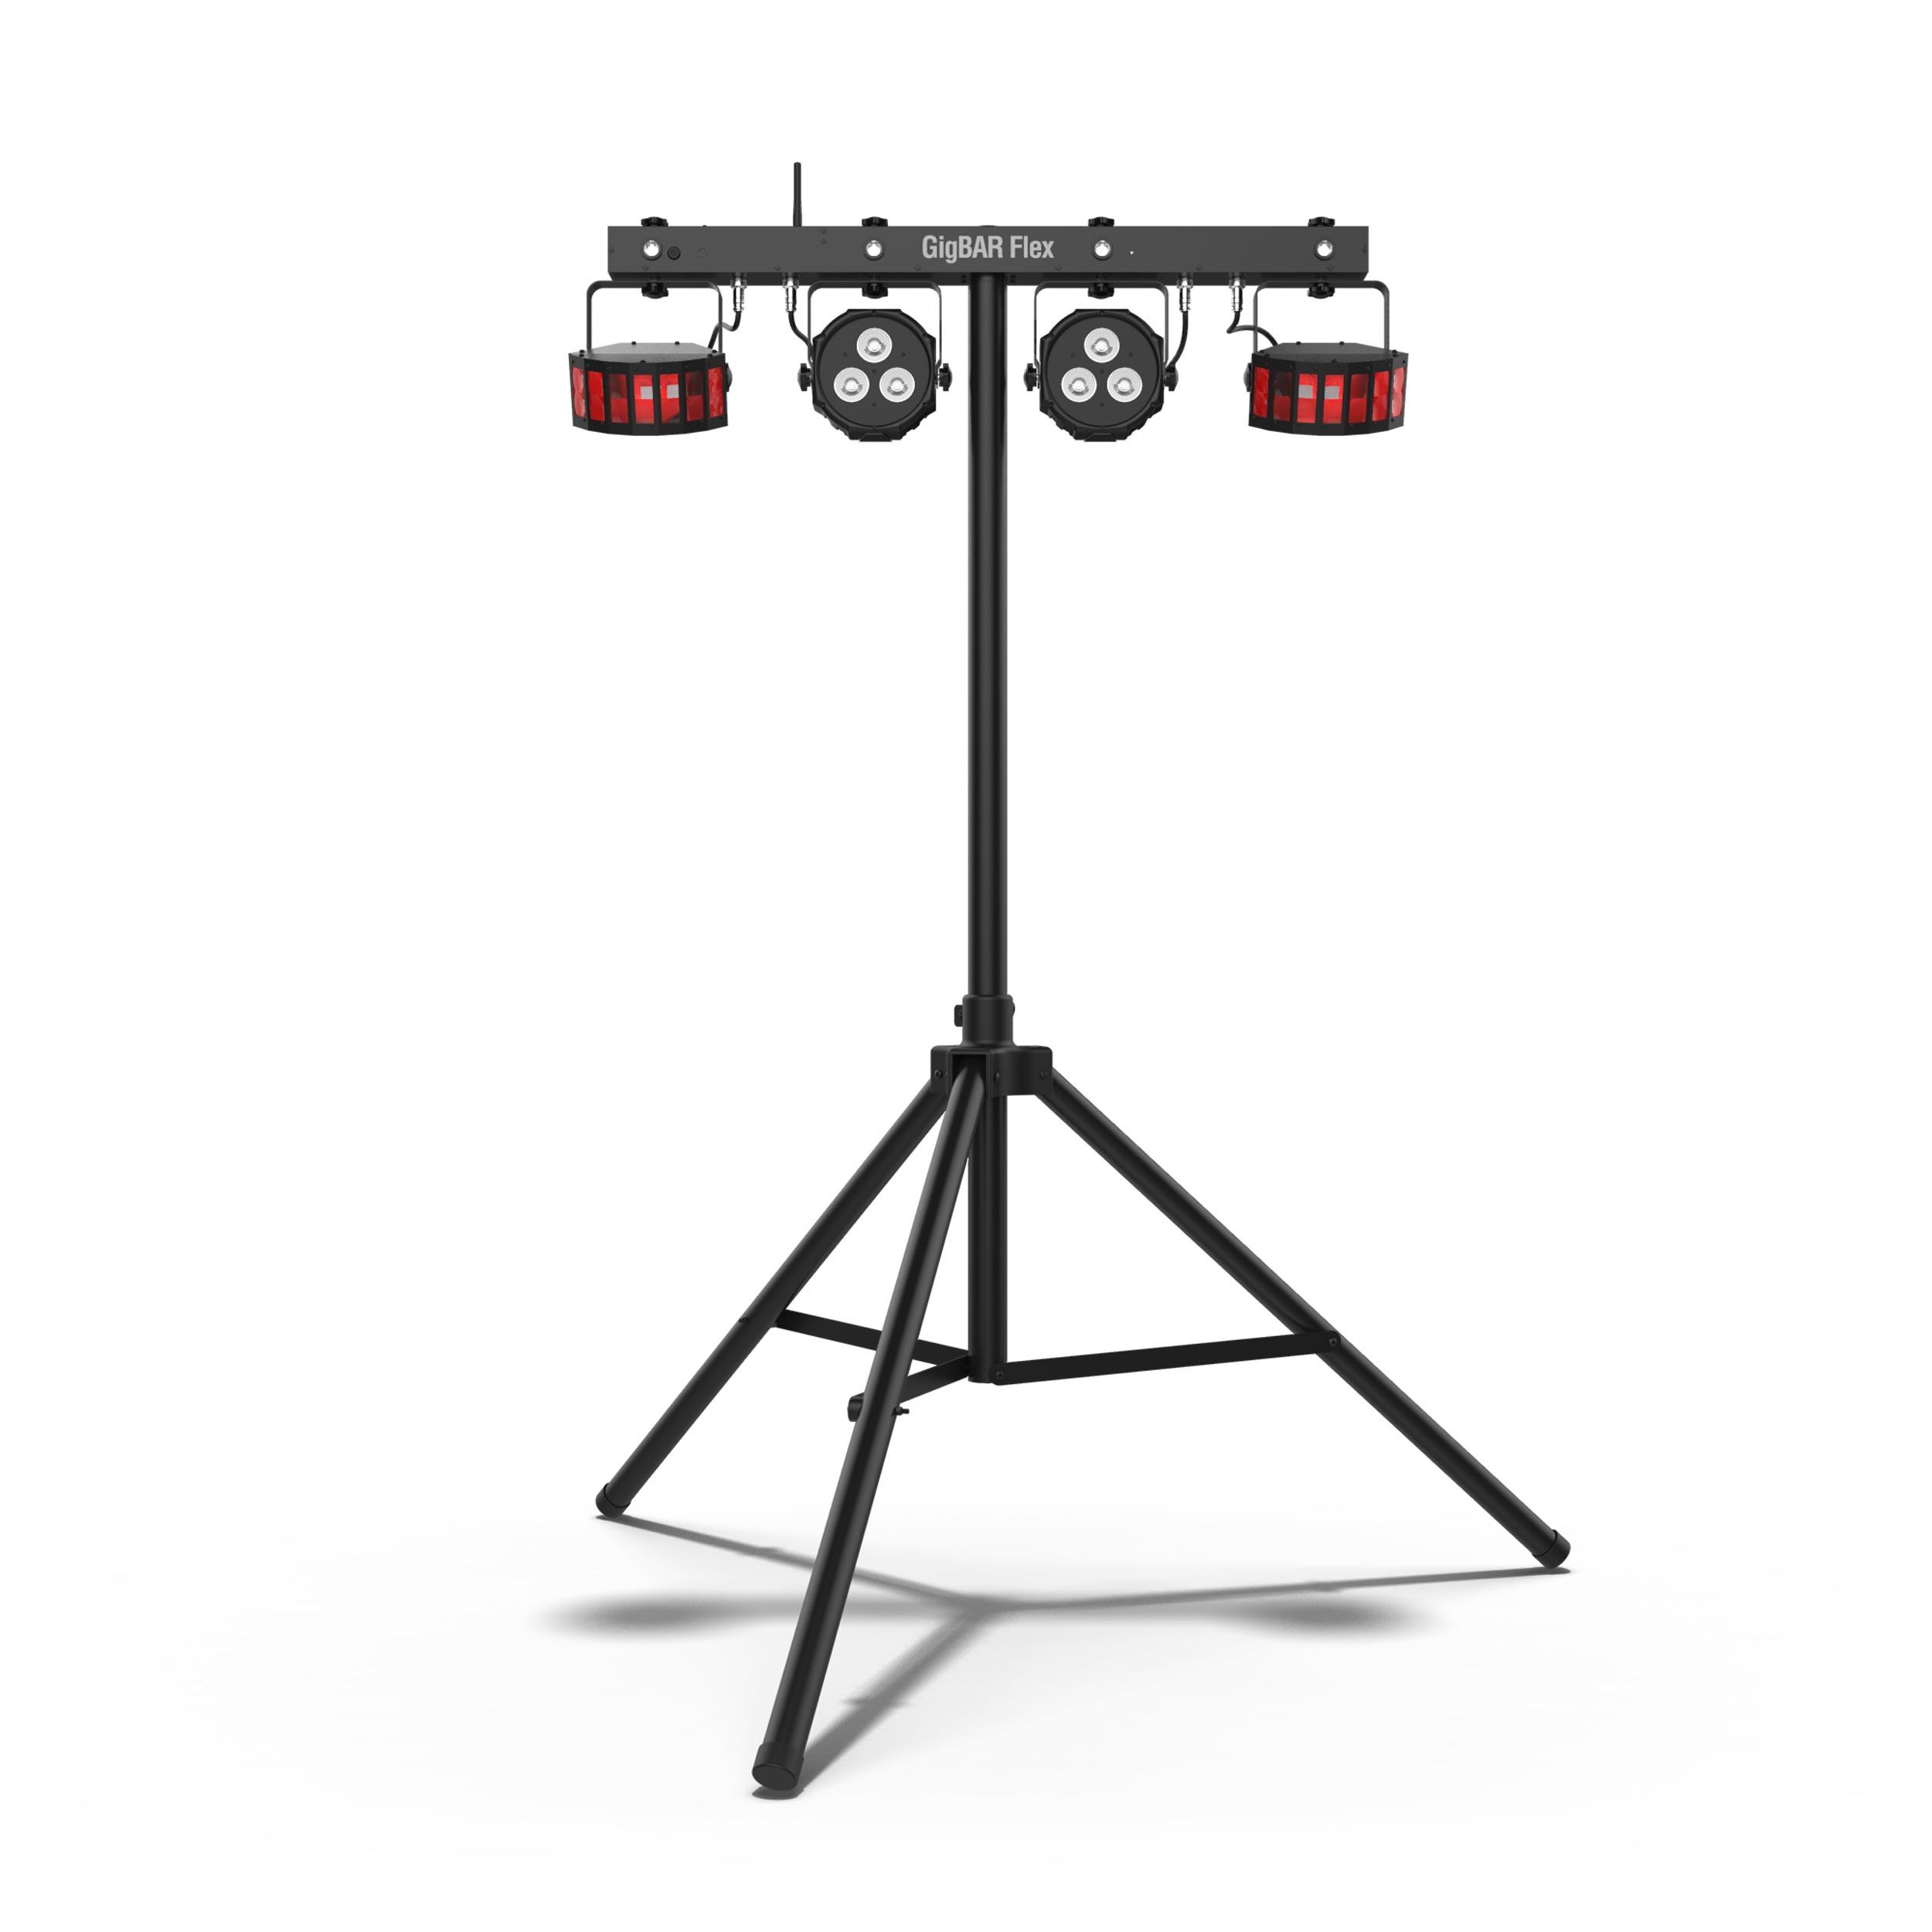 Chauvet Dj Gigbar Flex 3 In 1 Pack And Go Effects Light